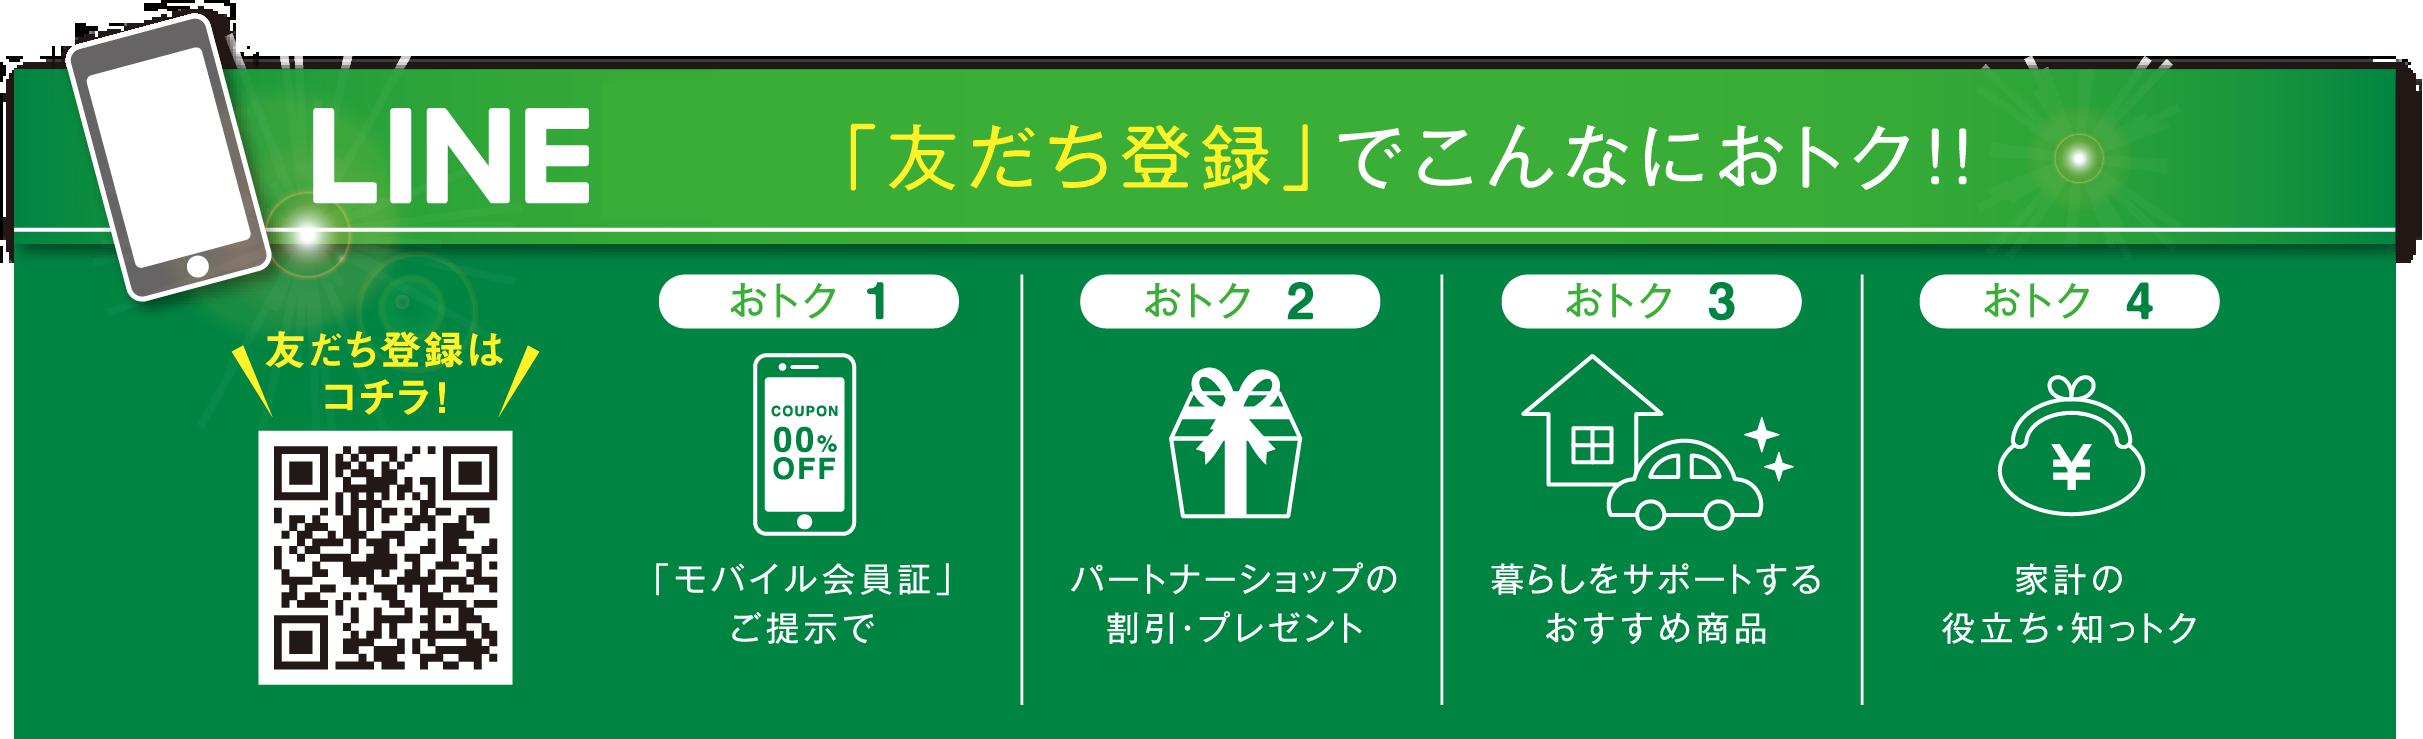 https://www.enshu-shinkin.jp/shokuiki/images/lsc_line_at_1806.png